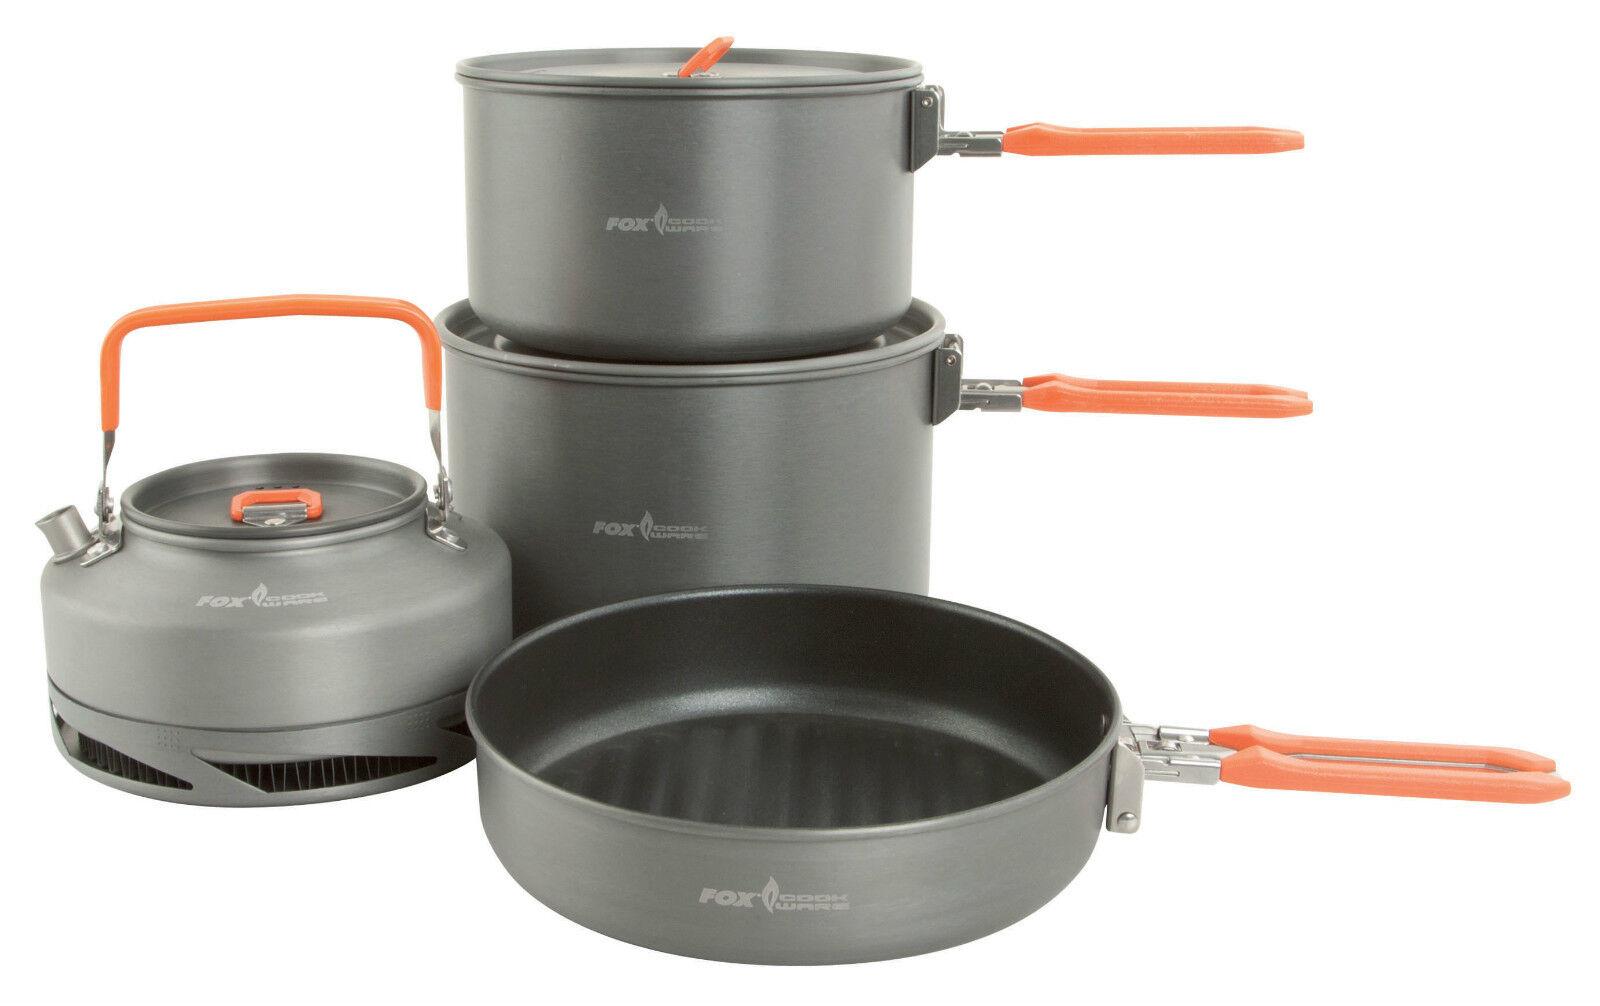 Fox Cookware Set 4 Piece, Kettle, Frying Pan and 2 Saucepans Brand New